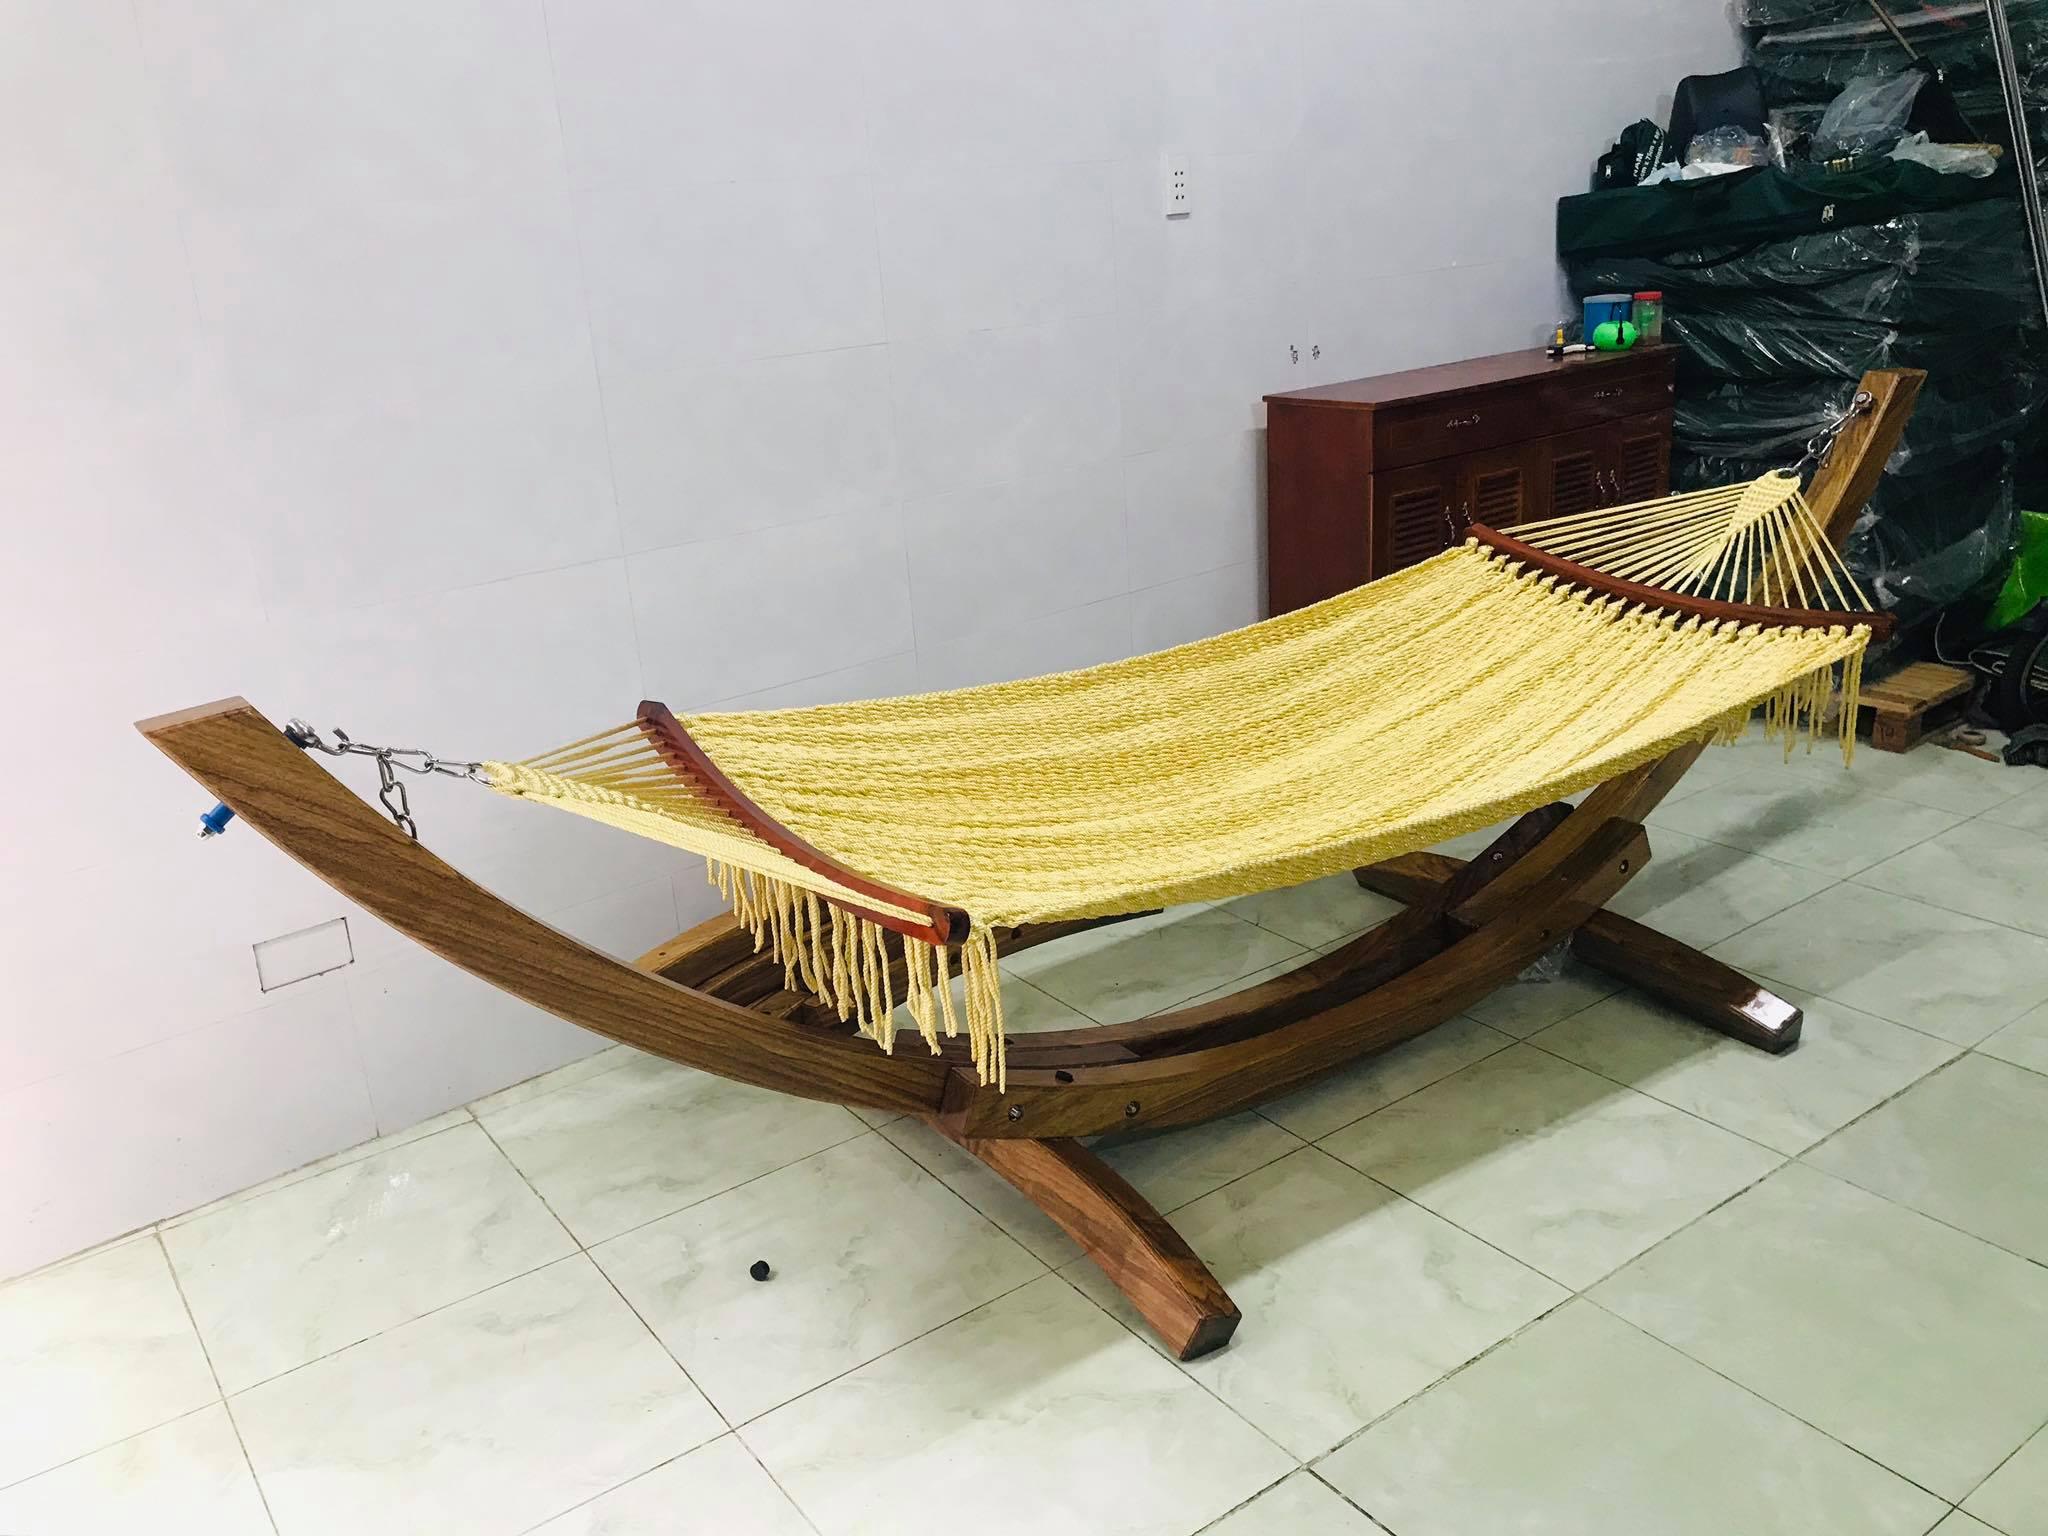 Võng gỗ huyện Củ Chi - Bí mật giấc ngủ bình yên cho mọi nhà